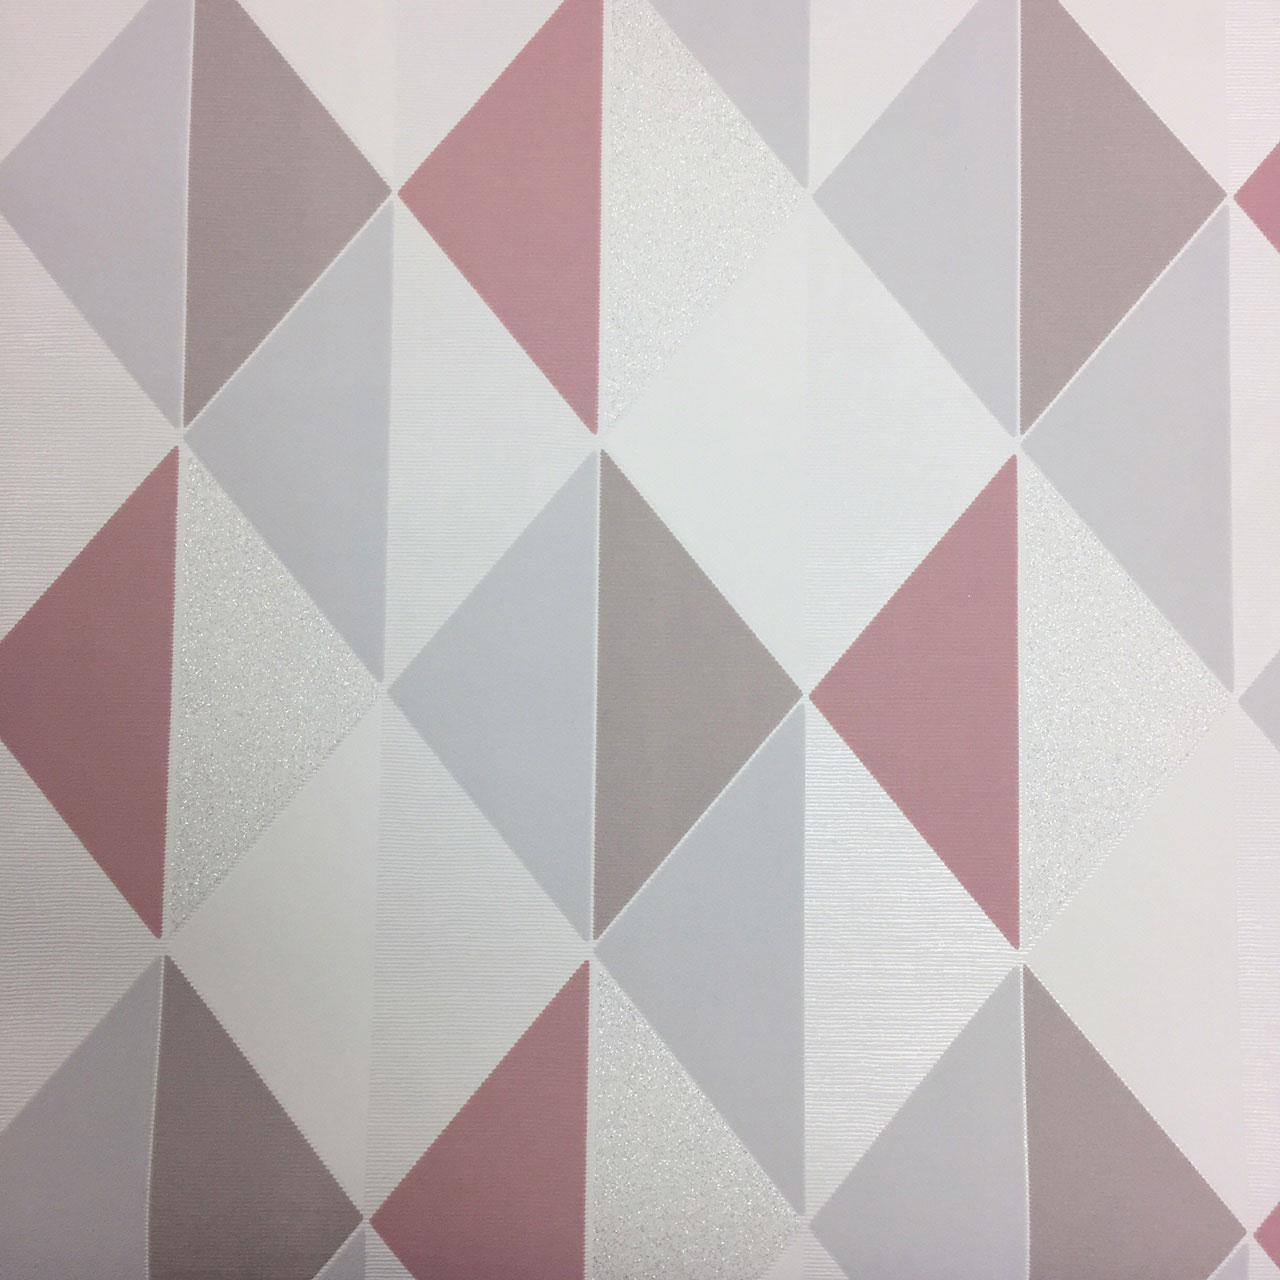 Papier peint papier peint la fresque f19659 marbre Abstraction rose bleu verre art